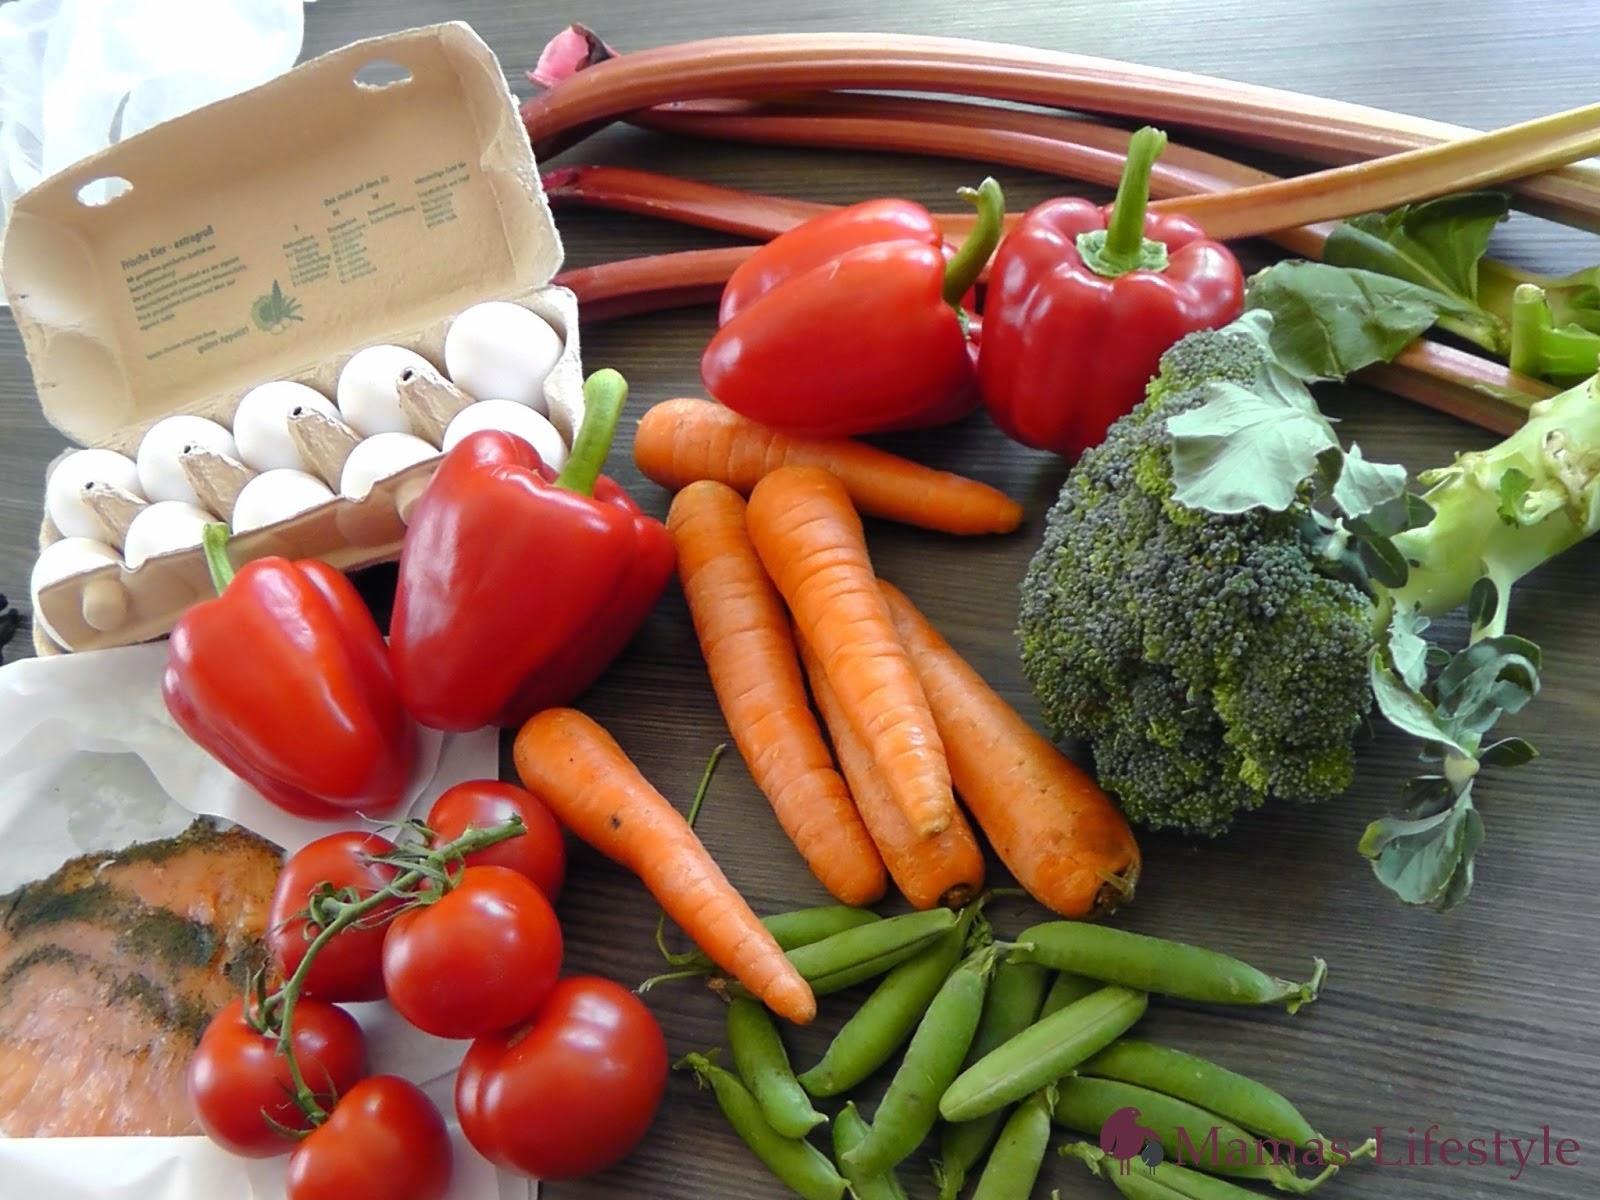 regionale und frisch: Paprika, Tomaten, Brokkoli, Erbsen, Karotten, Rhabarber